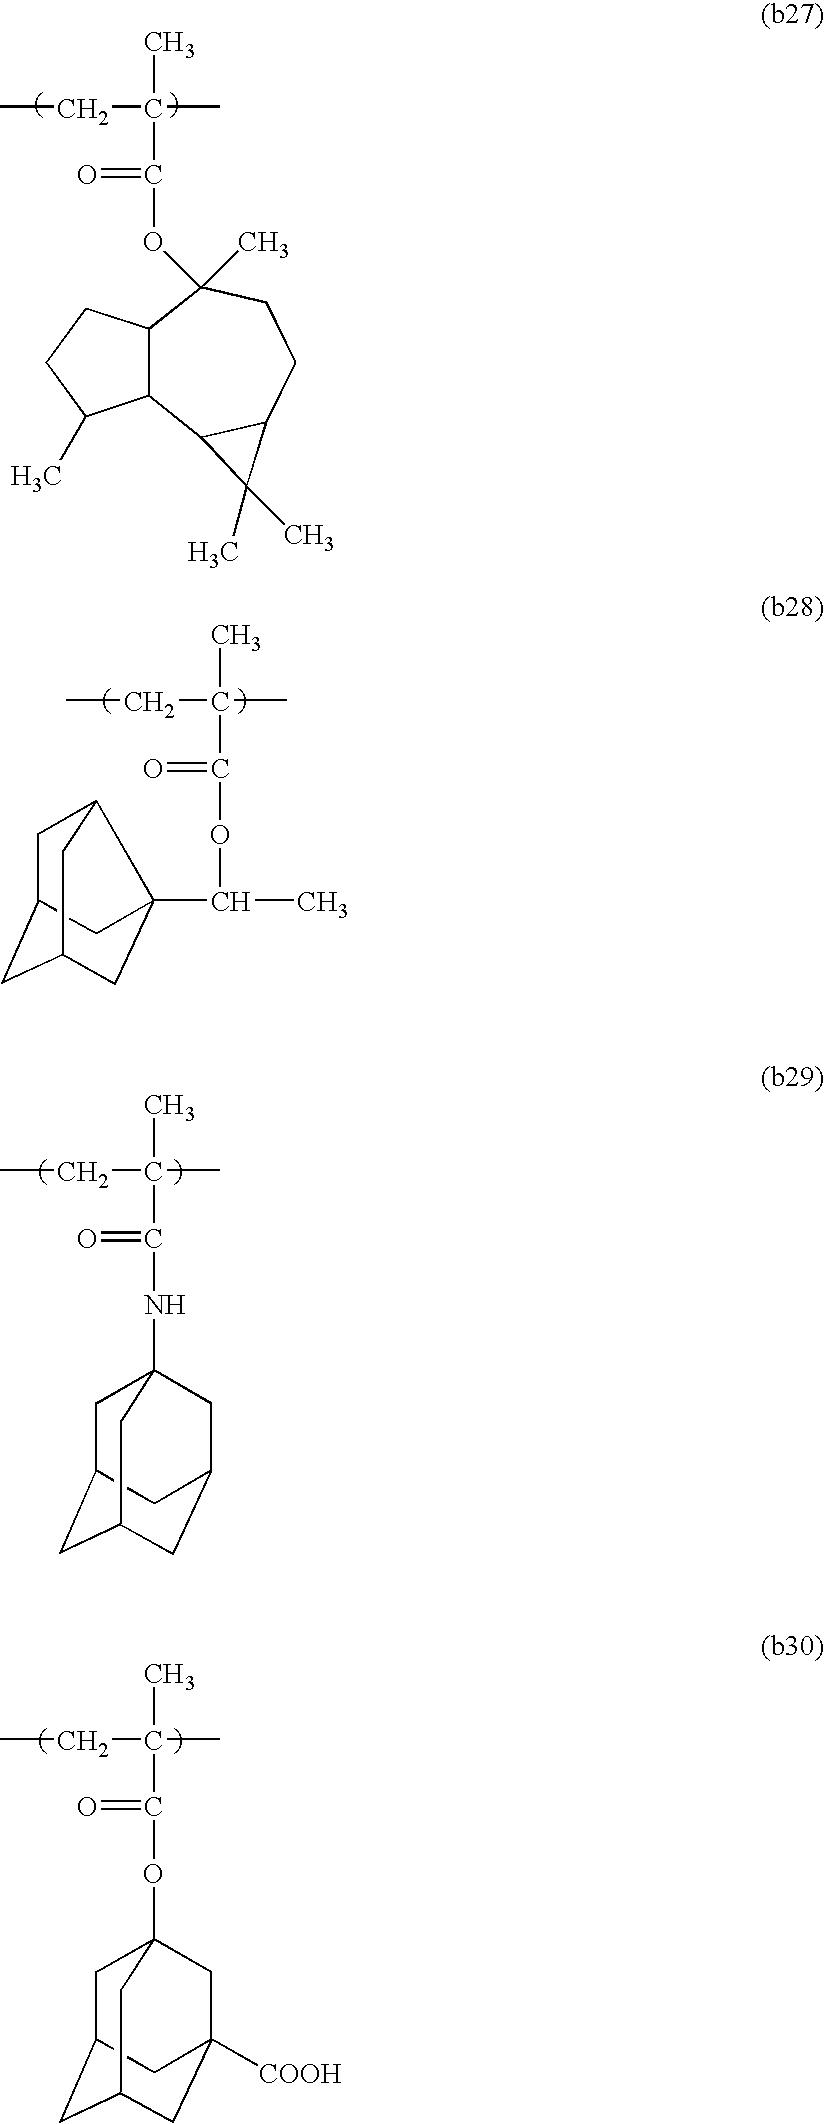 Figure US20070003871A1-20070104-C00069